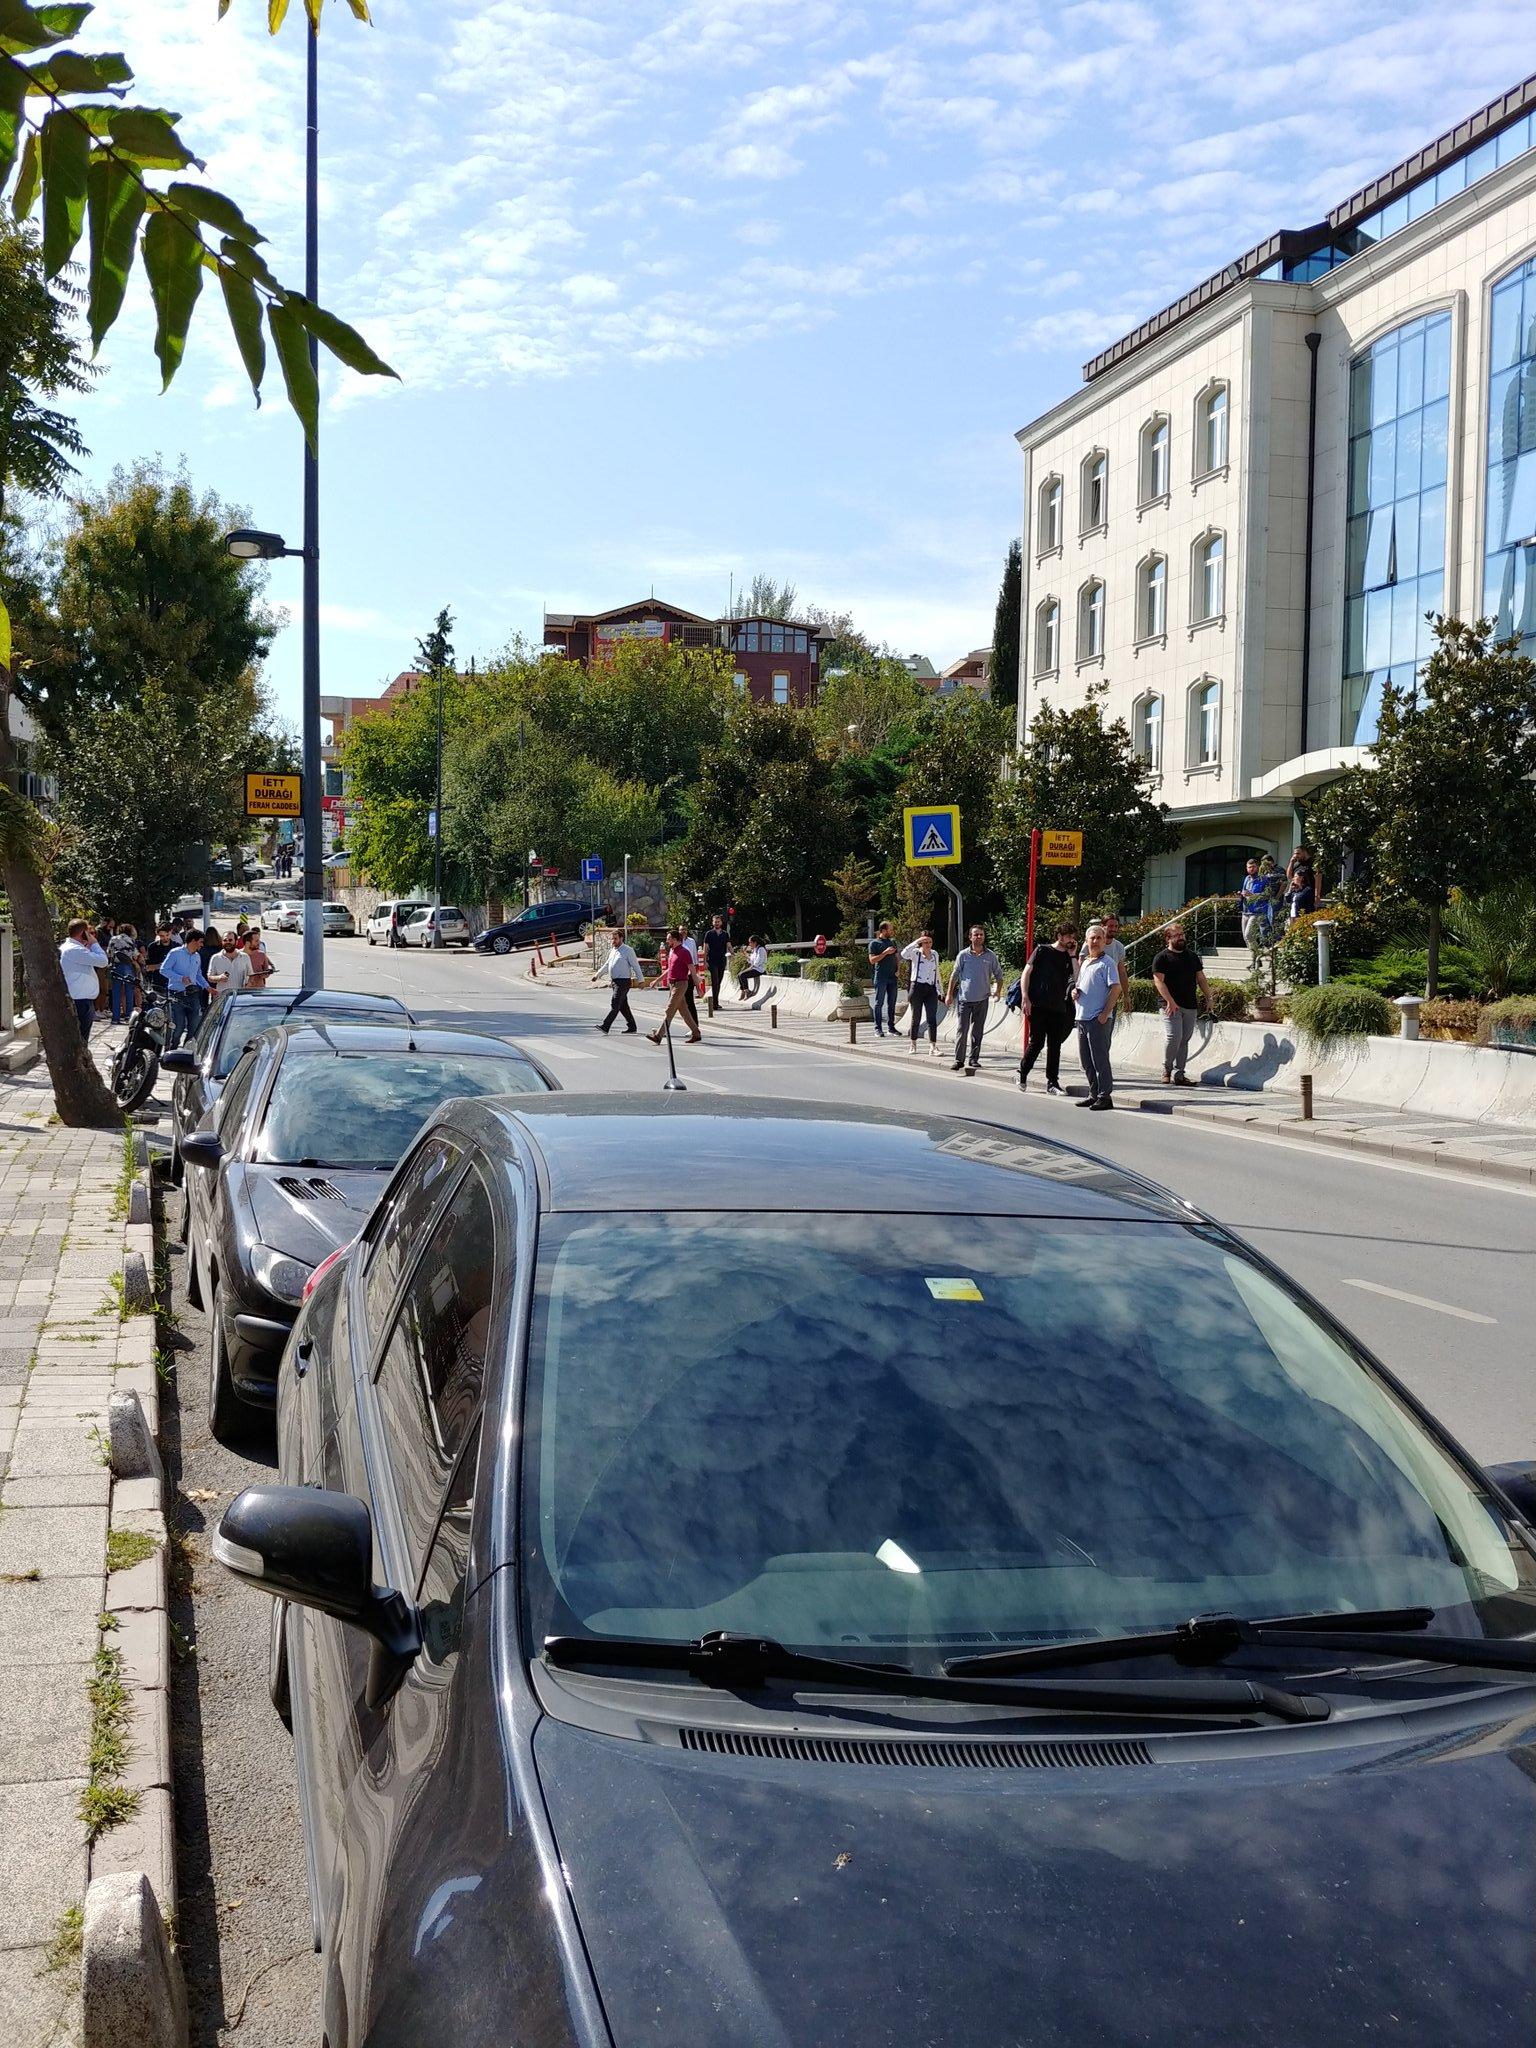 Κόσμος στους δρόμους μετά τον ισχυρό σεισμό στην Κωνσταντινούπολη